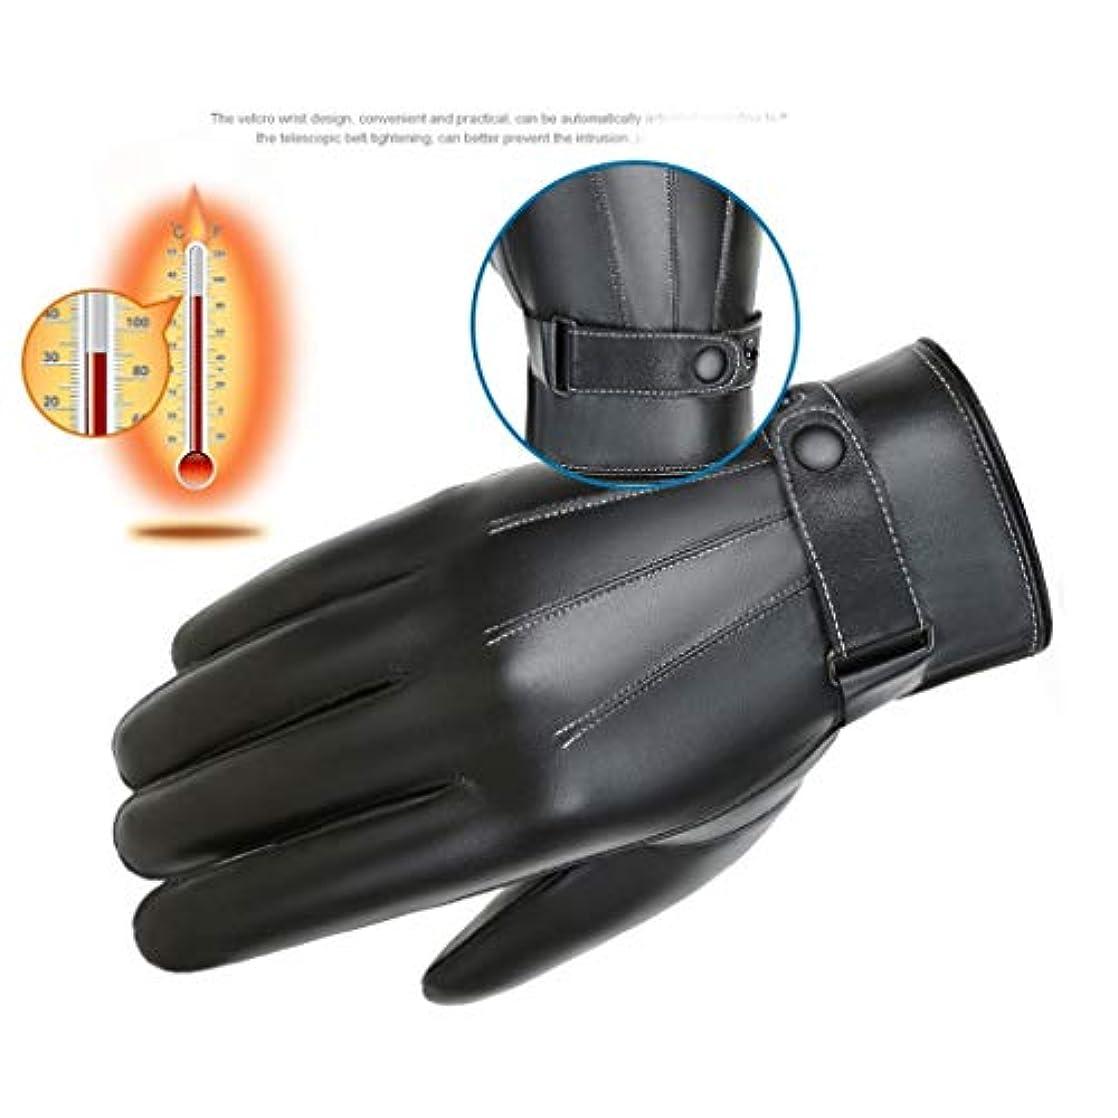 オゾン一杯不毛のタッチスクリーンのメンズグローブ冬プラスベルベット厚い暖かい防風防水ライドバイクバイクの乗り物の手袋